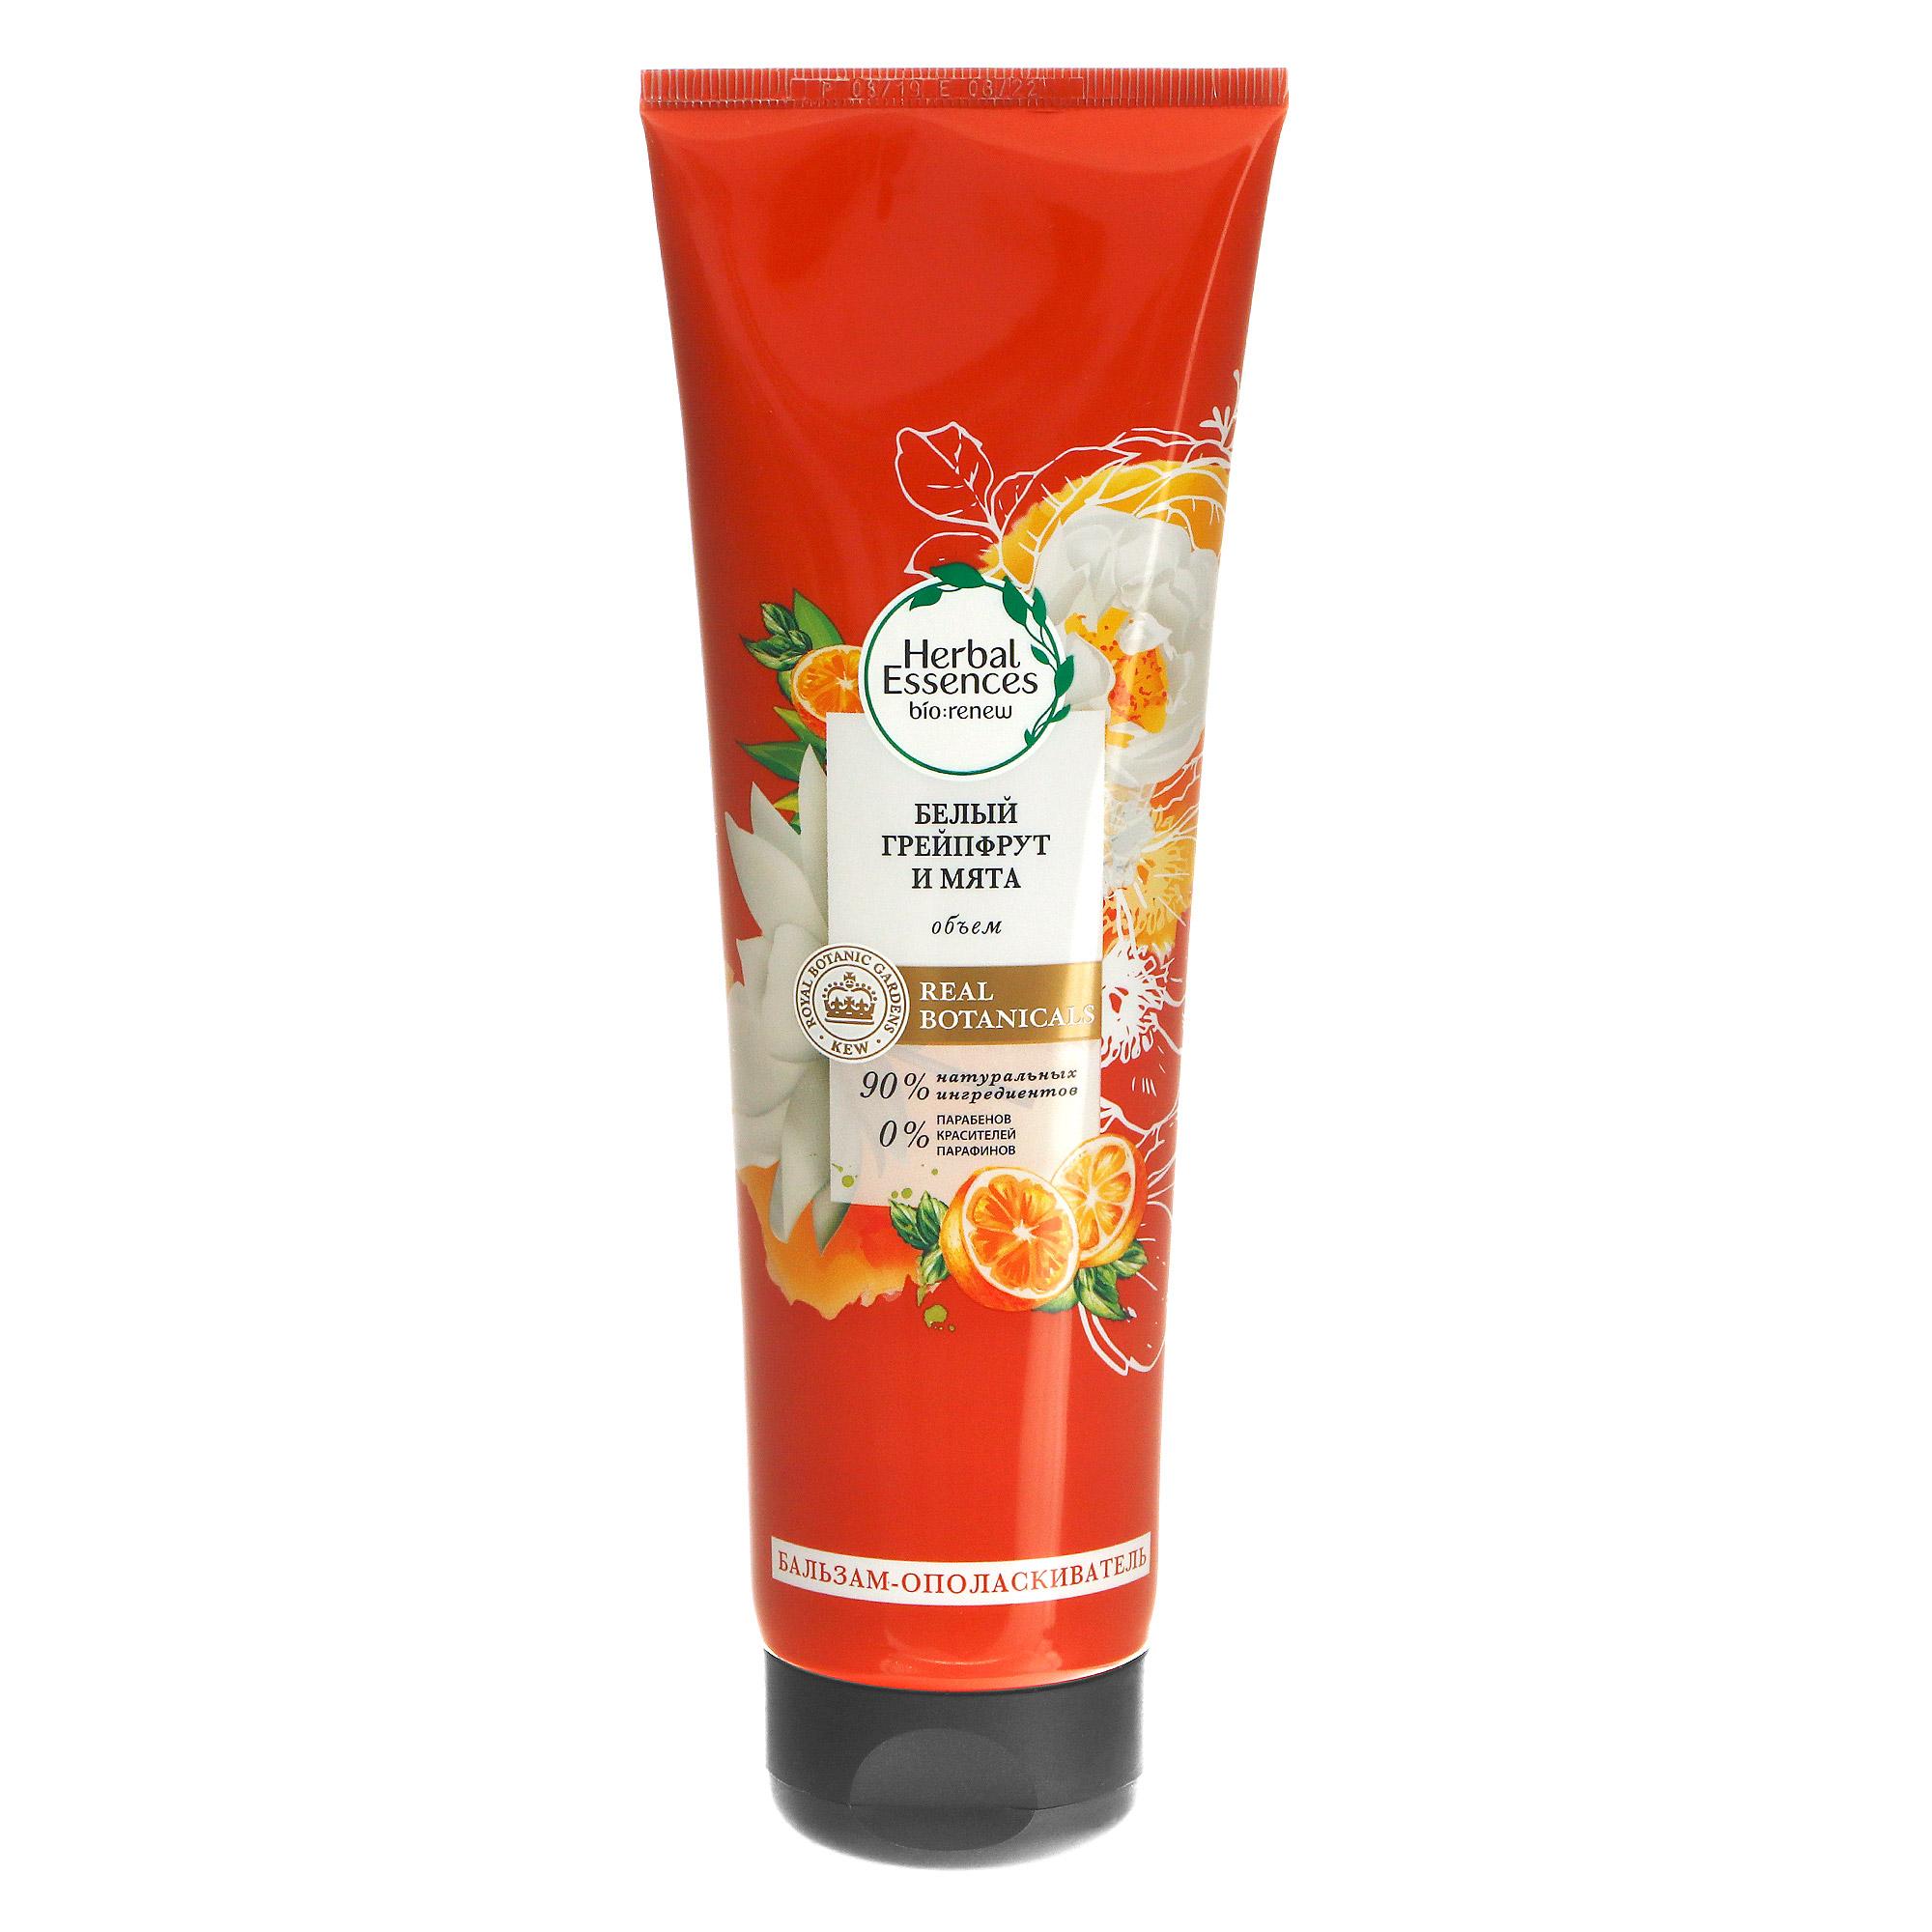 Купить Бальзам-ополаскиватель для волос Herbal Essences белый грейпфрут и мята (объём) 275мл, бальзам-ополаскиватель